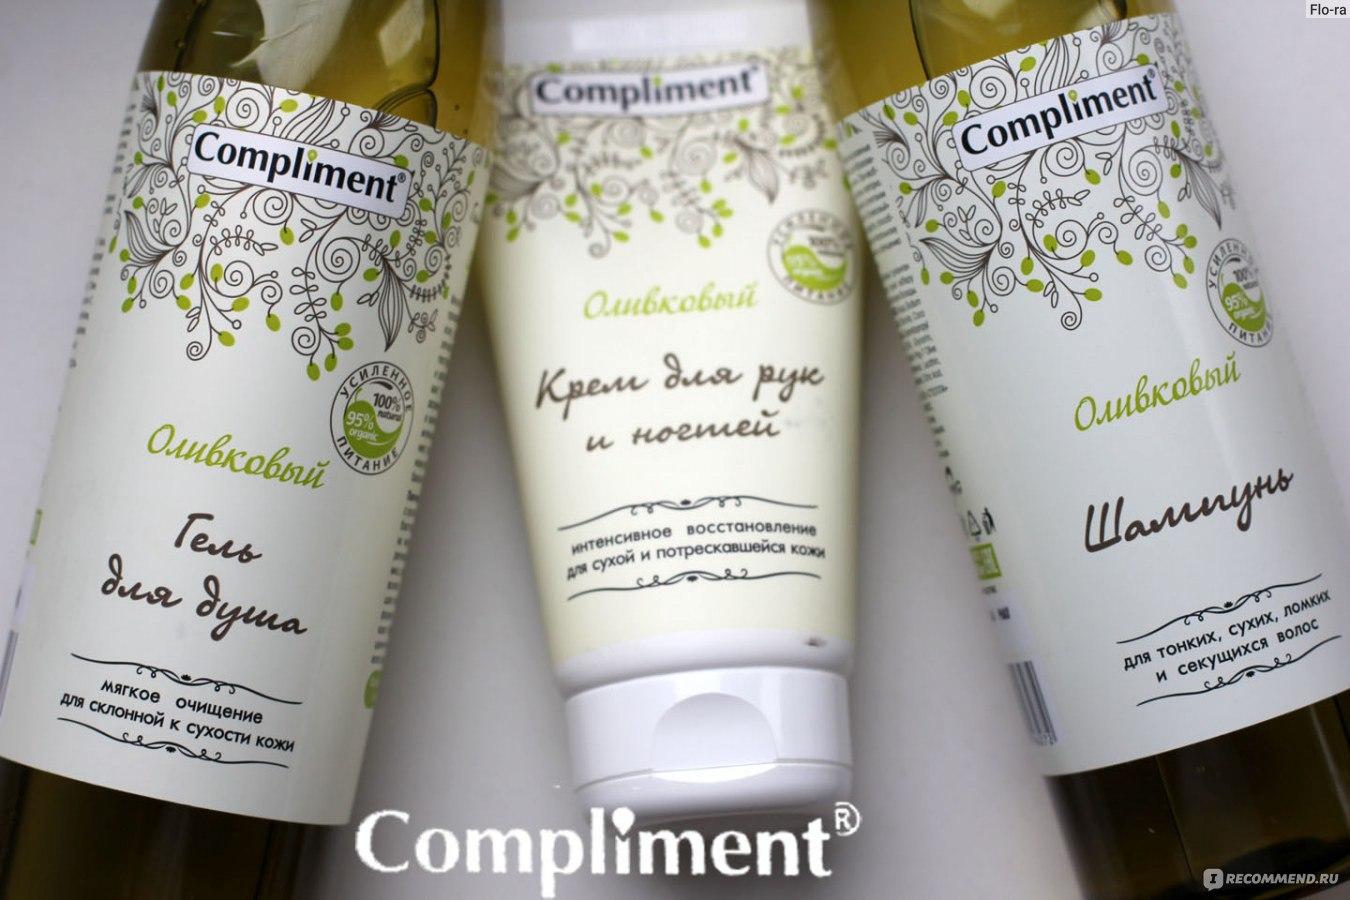 Крем для рук и ногтей compliment оливковый